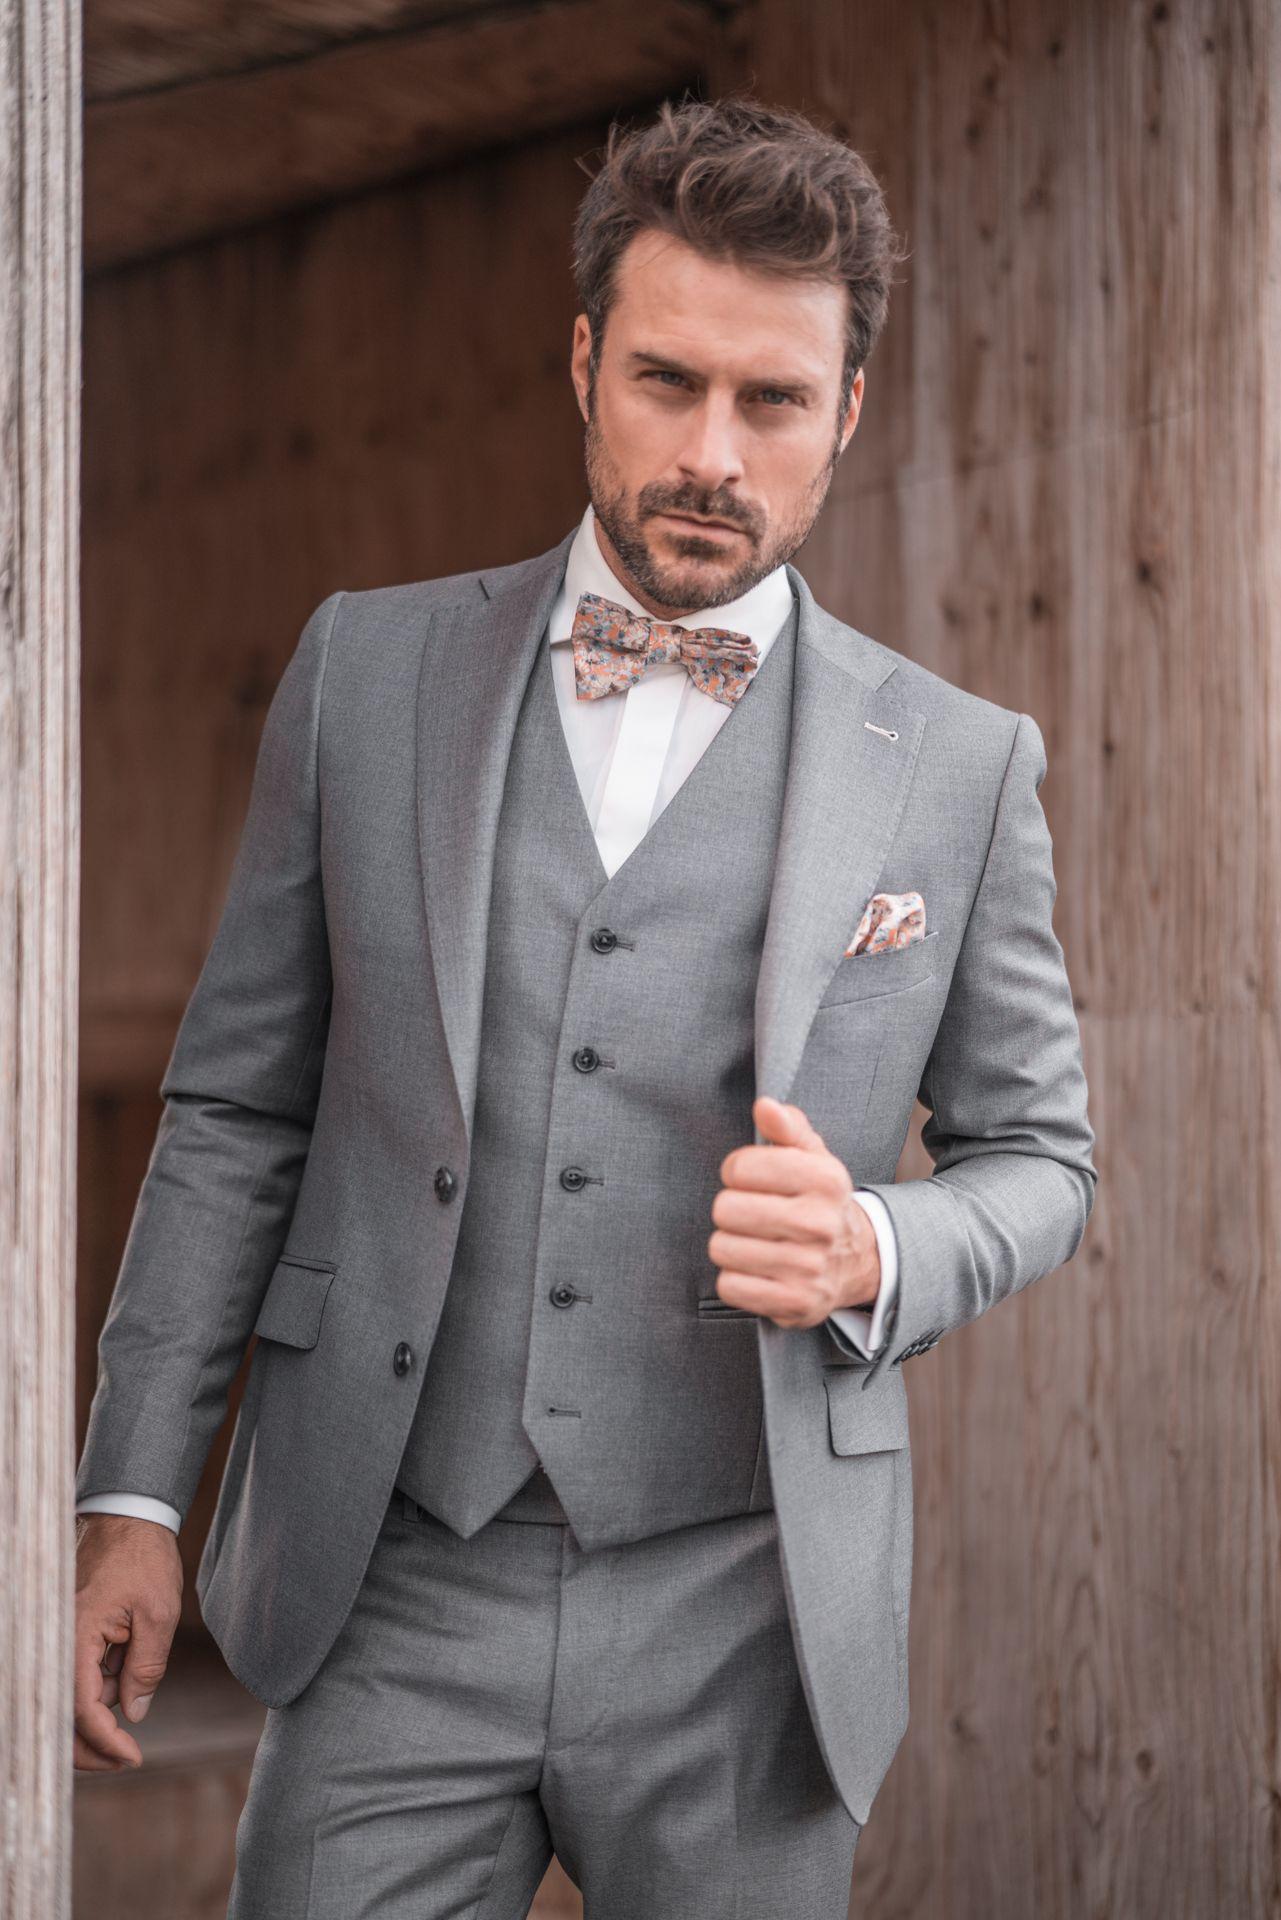 Hochwertige Hochzeitsanzuge Aus Monchengladbach Anzug Hochzeit Mann Anzug Hochzeit Grauer Anzug Hochzeit